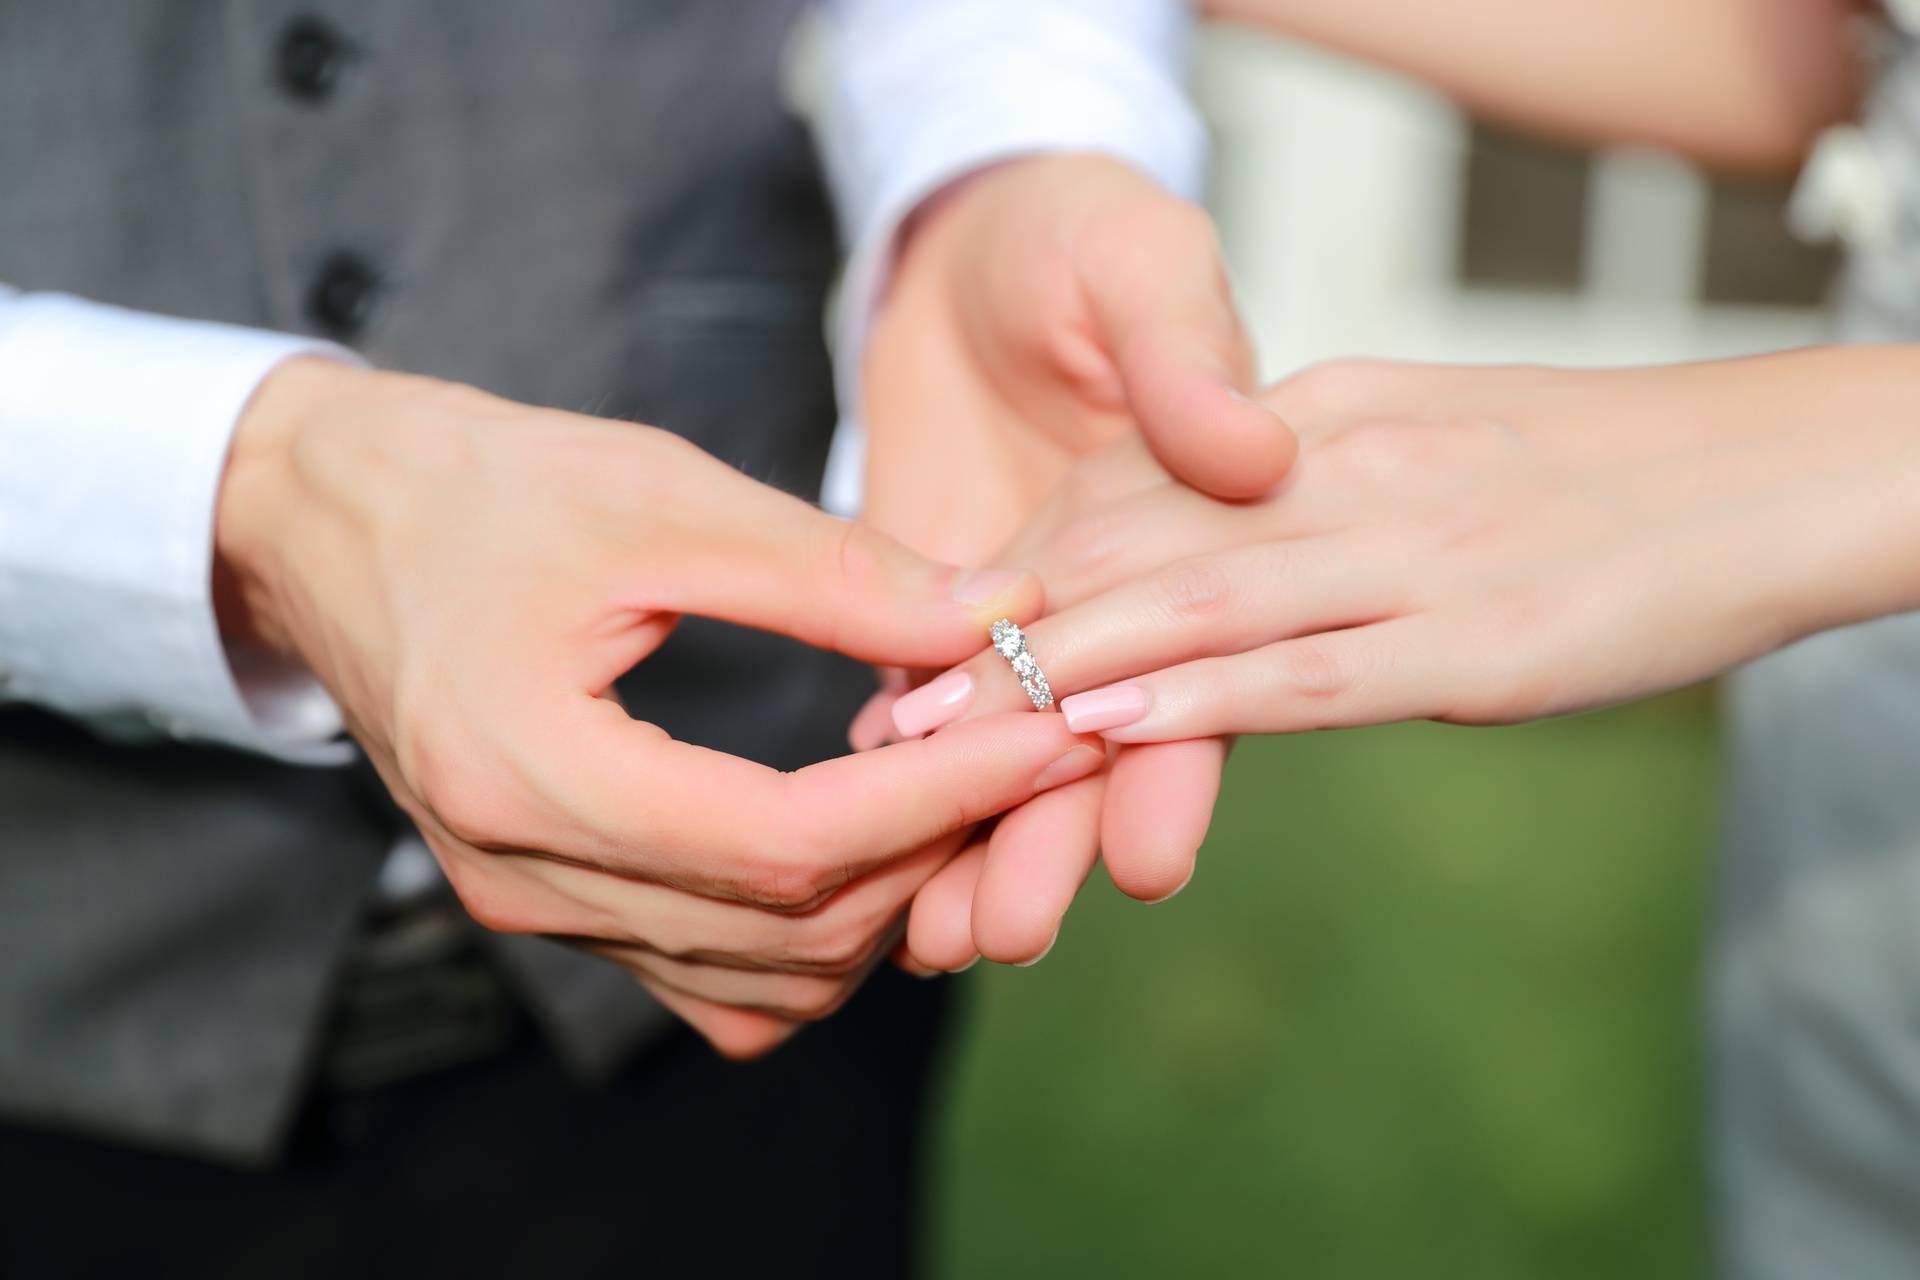 Znanost otkrila devet ne tako romantičnih činjenica o braku